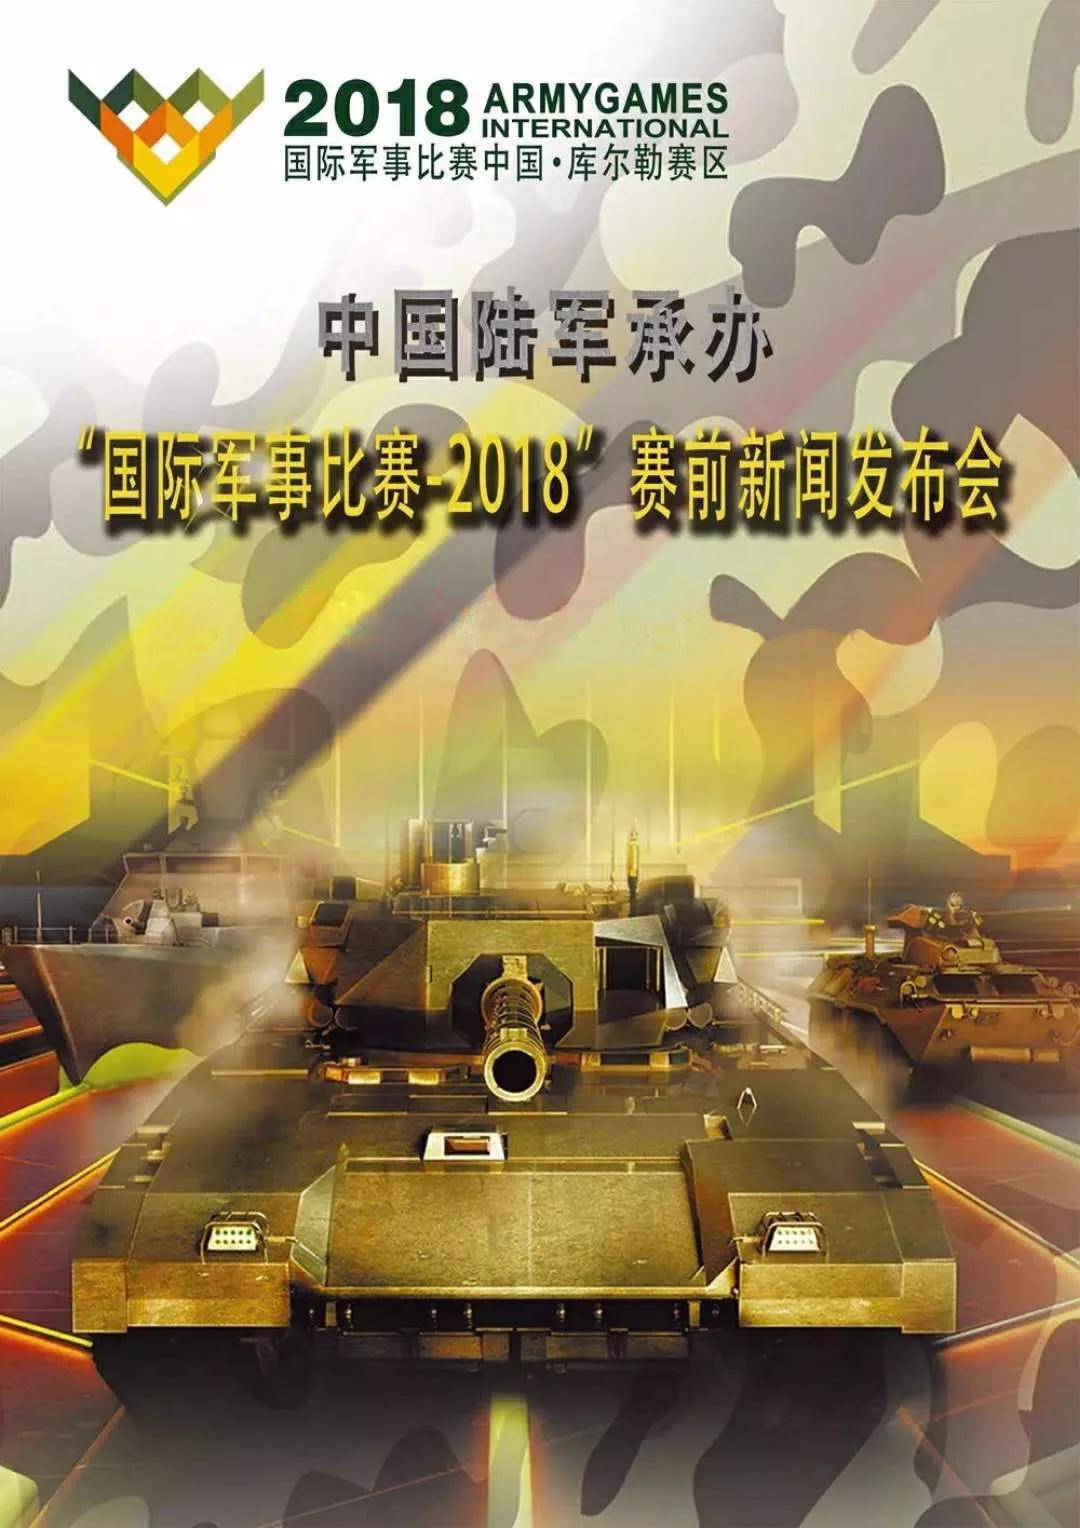 10国军人抵新疆参加军事比赛 印度首次派团观摩